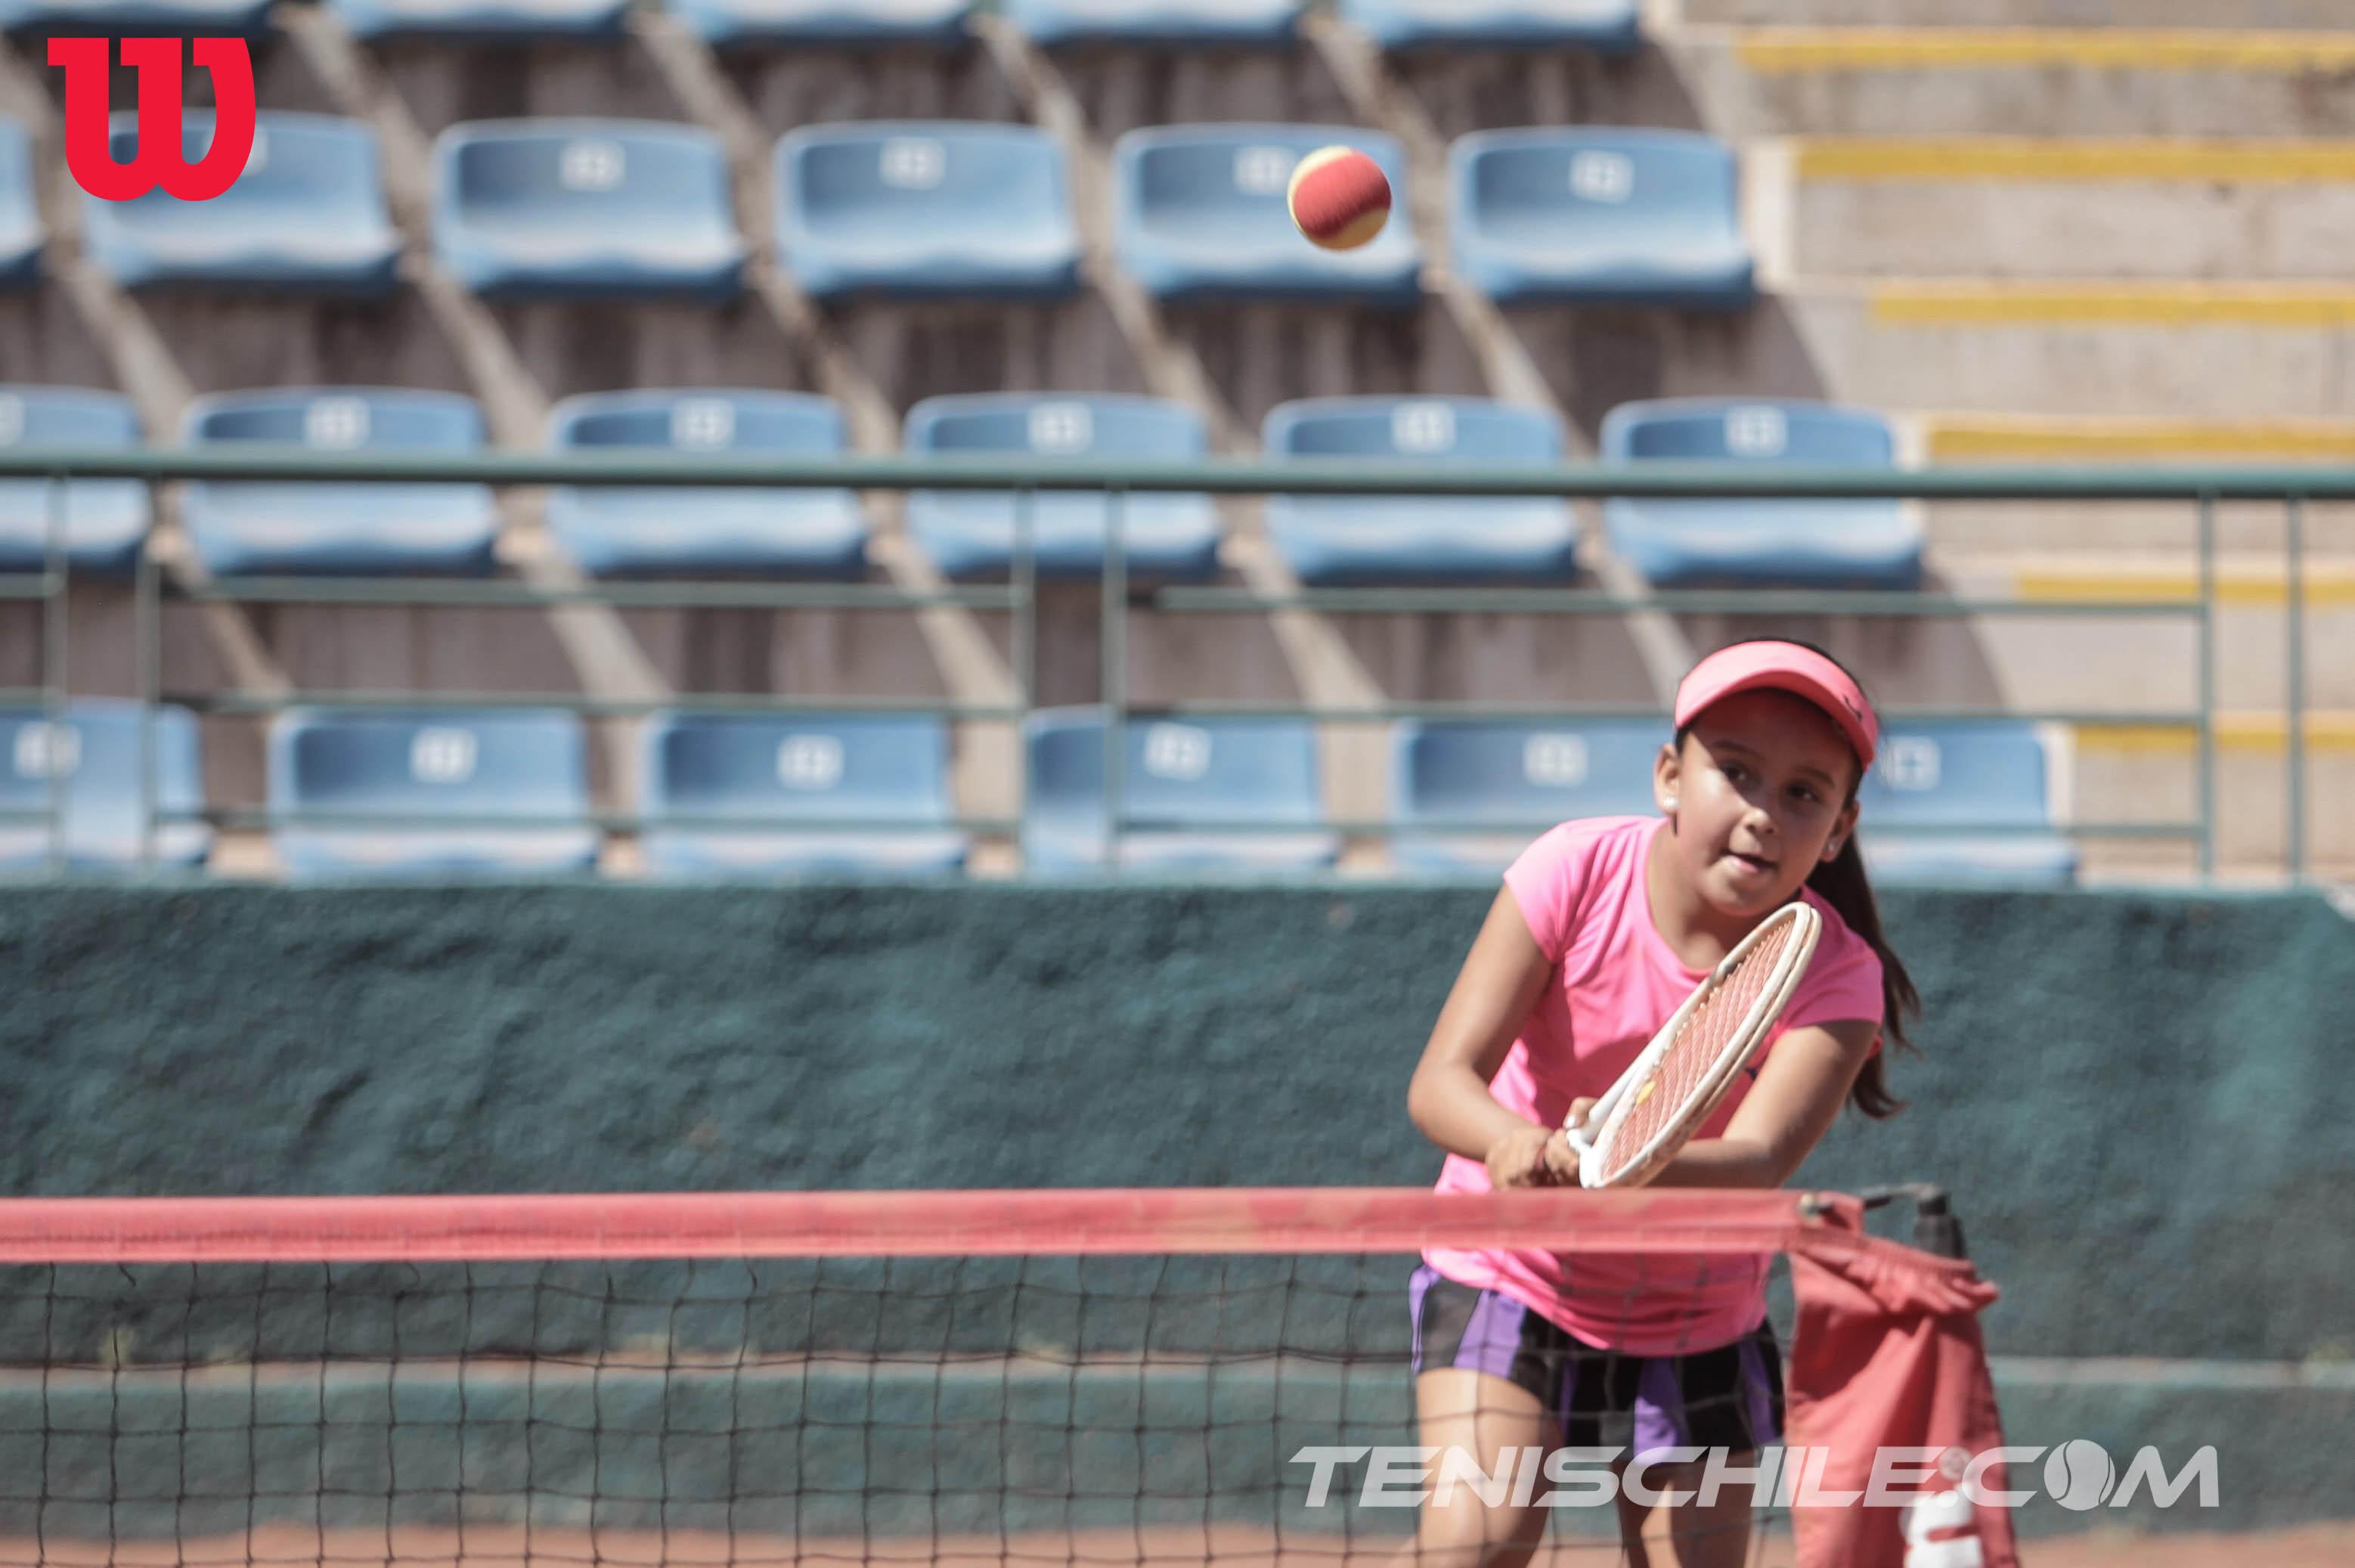 Josefa Acuña: Dos títulos seguidos y líder absoluta en cancha roja